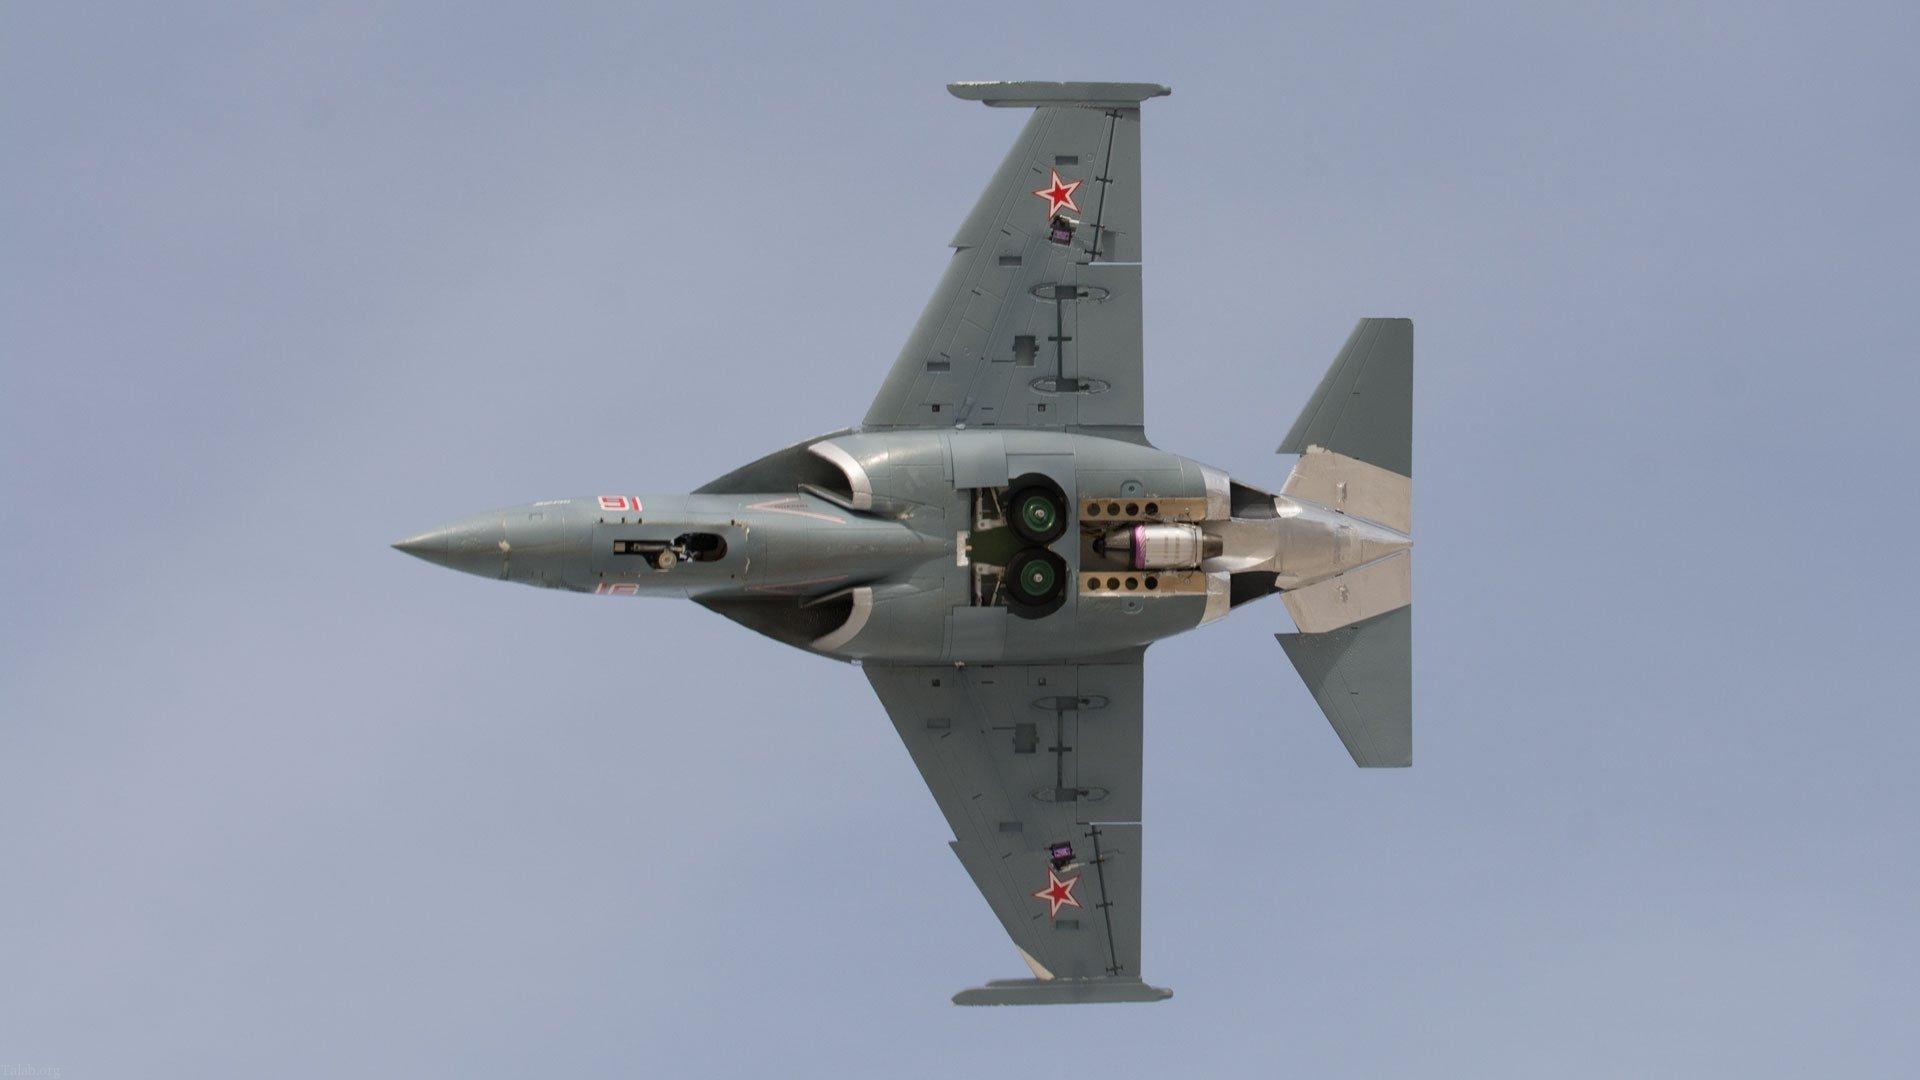 آشنایی با جنگنده سبک آموزشی یاک- 130 روسی (+ مشخصات)